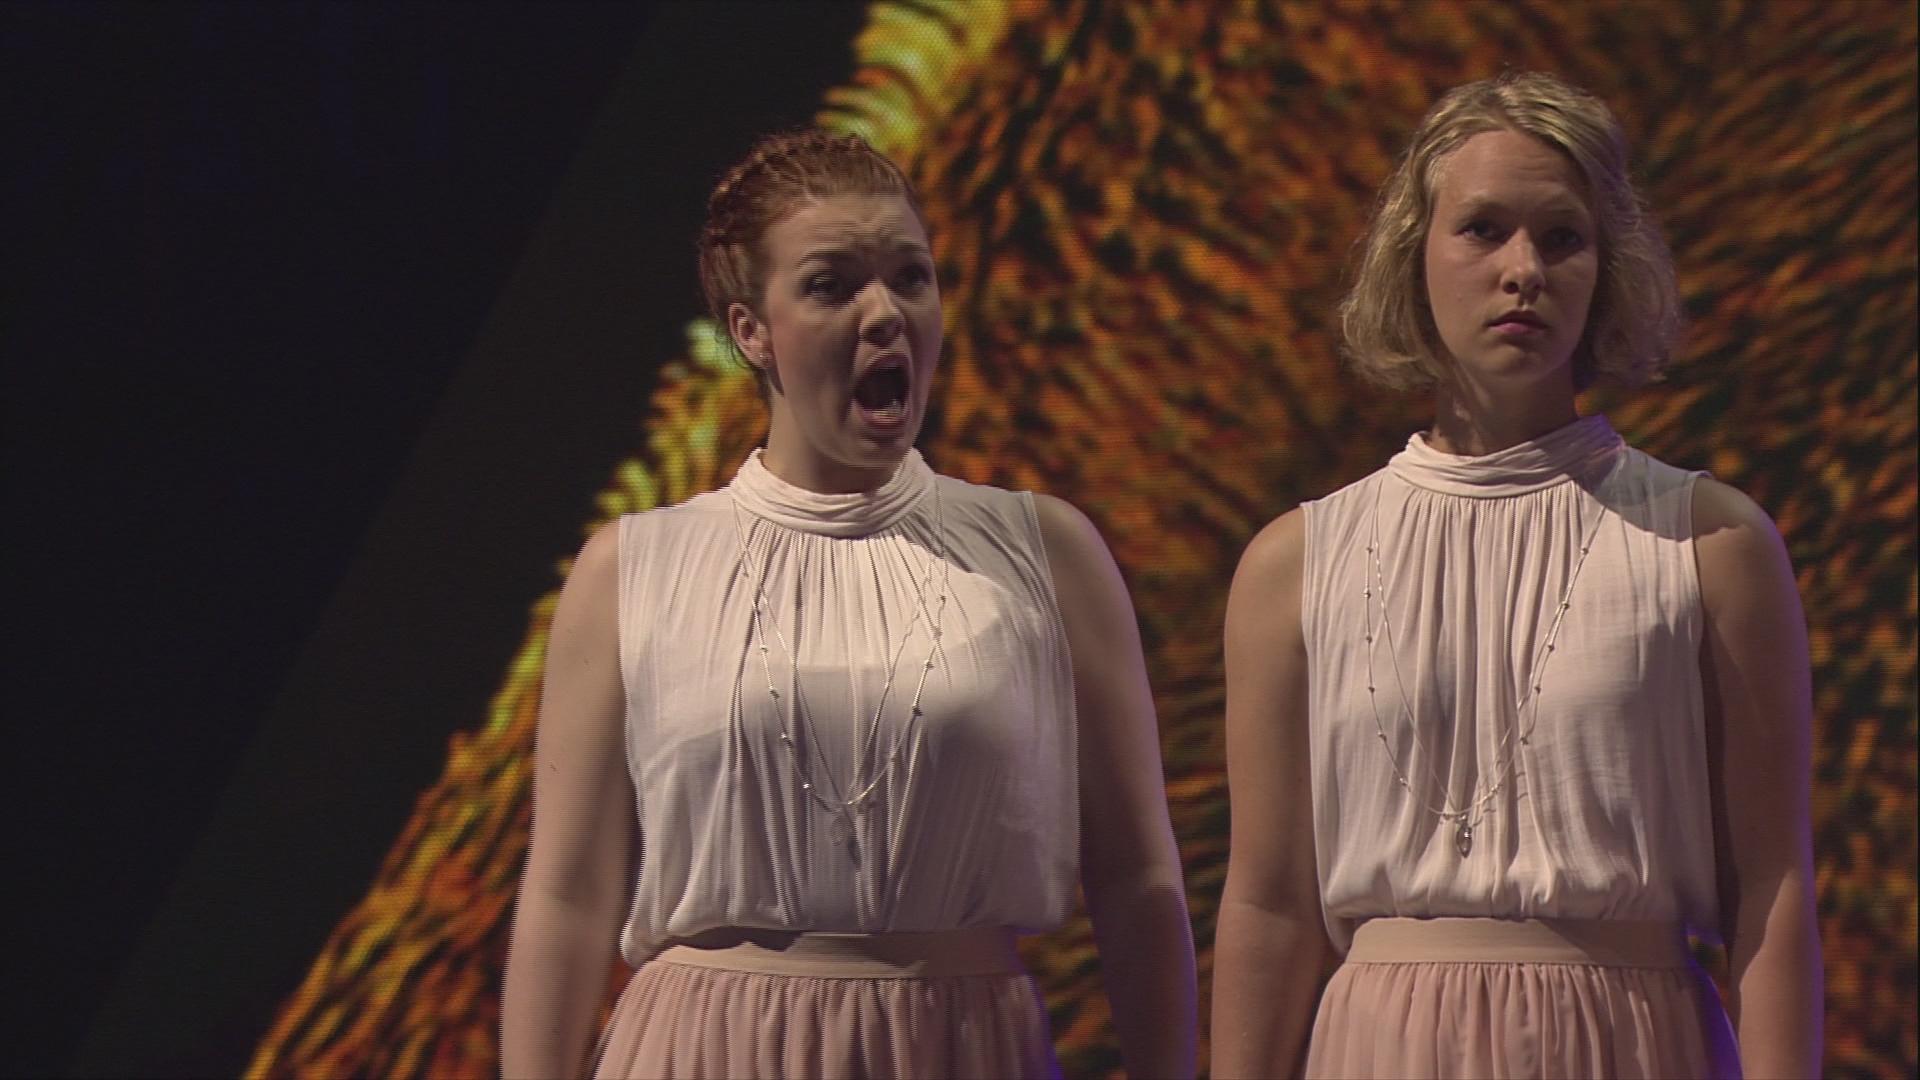 9420028_mgrn_eurovision_choir_raw-20.20.51.22.jpeg